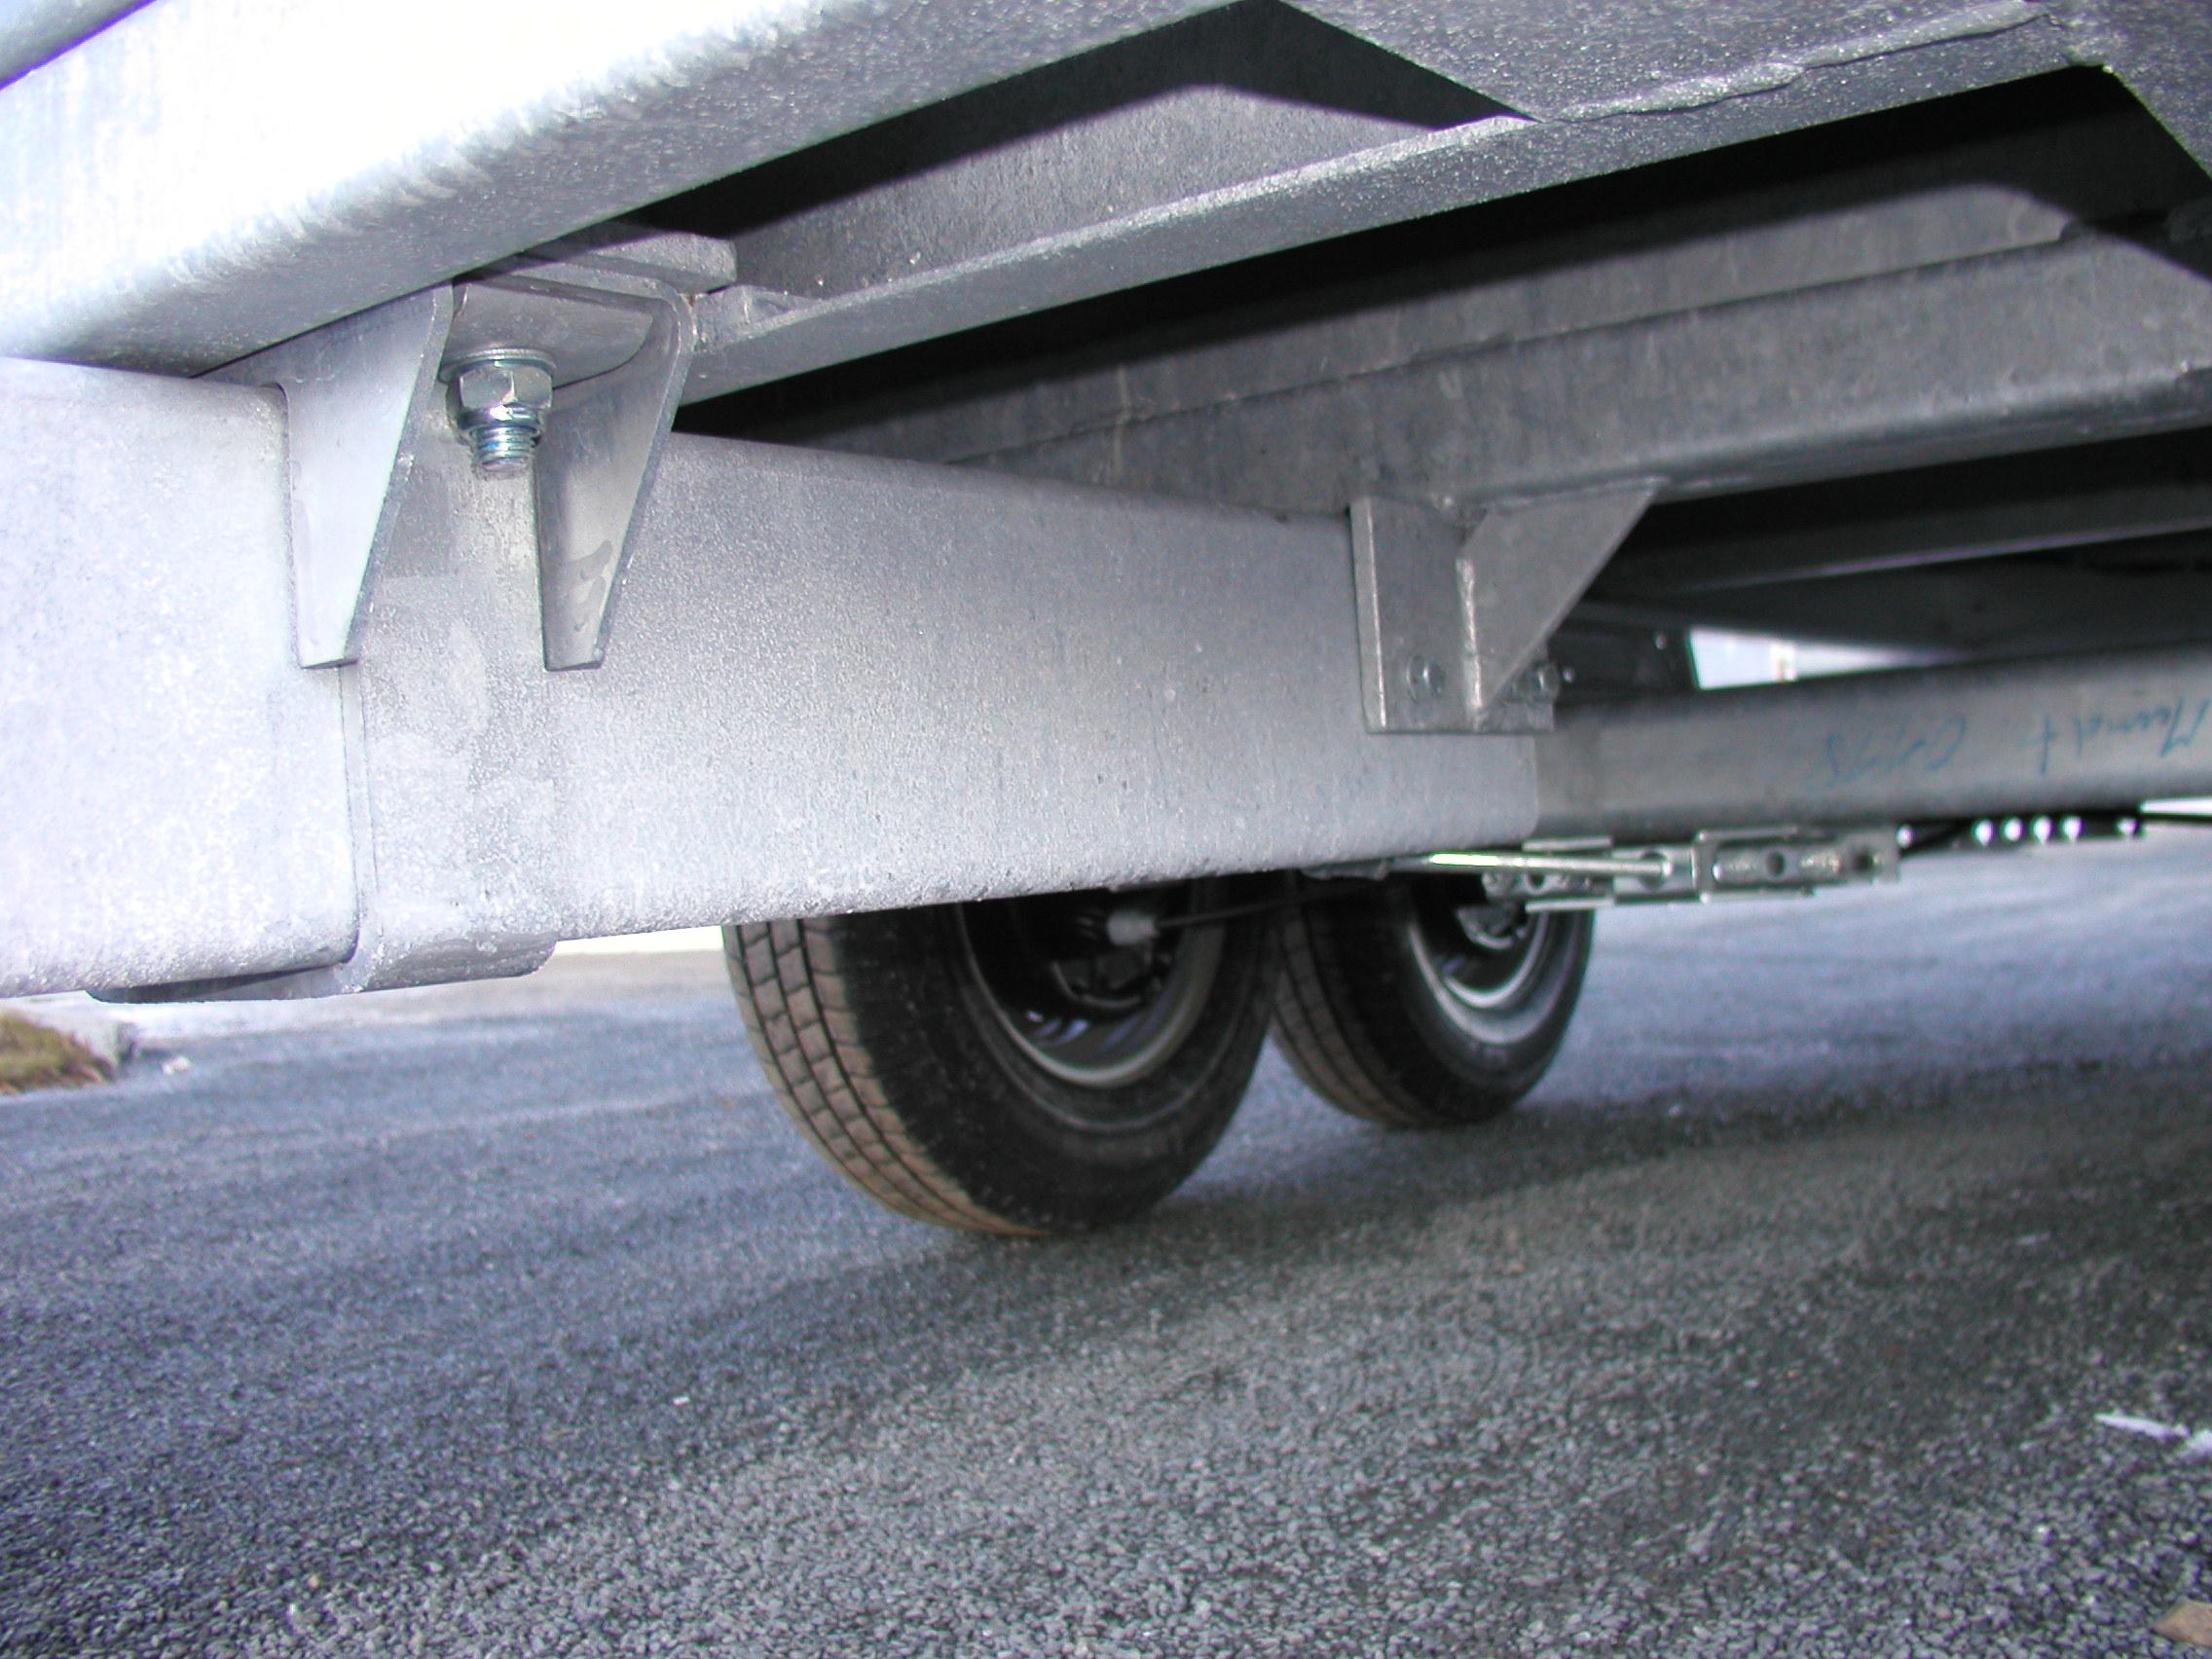 WM Meyer AZHLC 3550/210 azhlc3550210 Hochlader 3500 kg Koffer (S40 ...